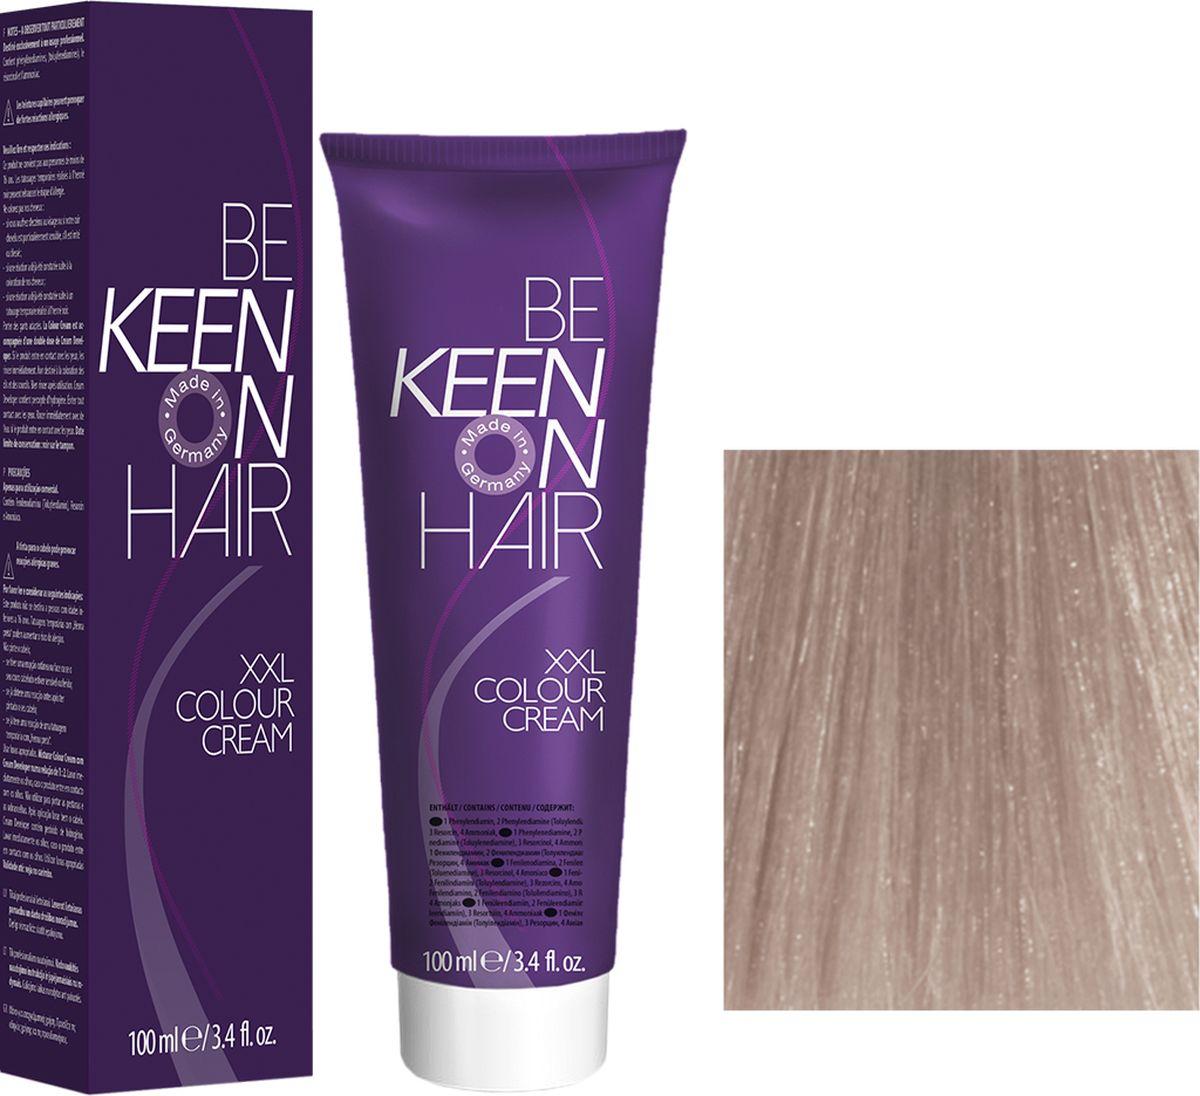 Keen Краска для волос 12.61 Платиновый фиолетово-пепельный блондин Platinblond Violett-Asch, 100 мл69100108Модные оттенкиБолее 100 оттенков для креативной комбинации цветов.ЭкономичностьПри использовании тюбика 100 мл вы получаете оптимальное соотношение цены и качества!УходМолочный белок поддерживает структуру волоса во время окрашивания и придает волосам блеск и шелковистость. Протеины хорошо встраиваются в волосы и снабжают их влагой.